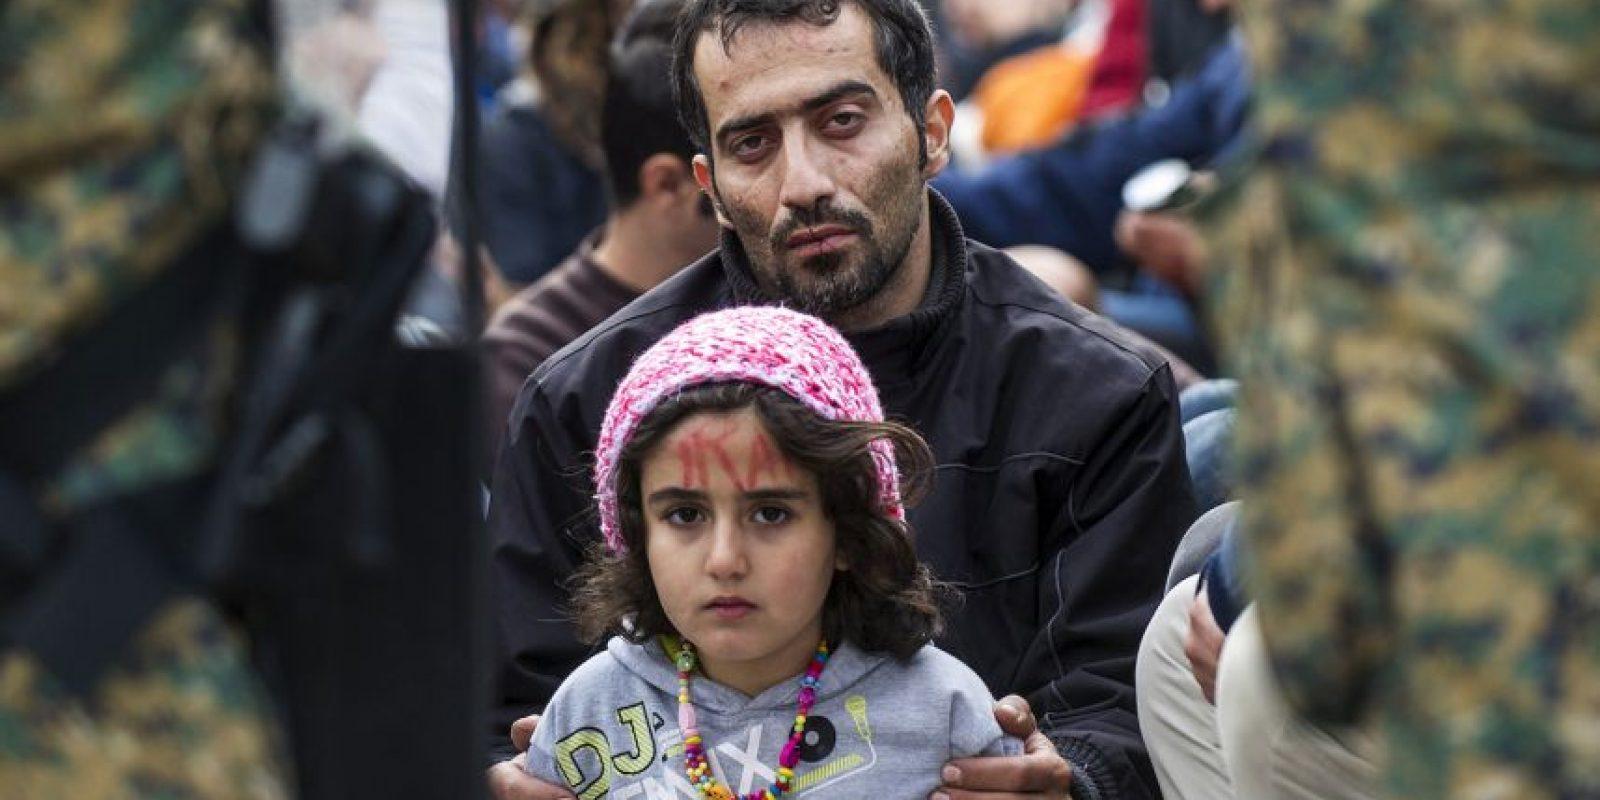 Iraníes protestan para que les permitan a migrantes y refugiados cruzar la frontera de Grecia y Macedonia. Foto:AFP